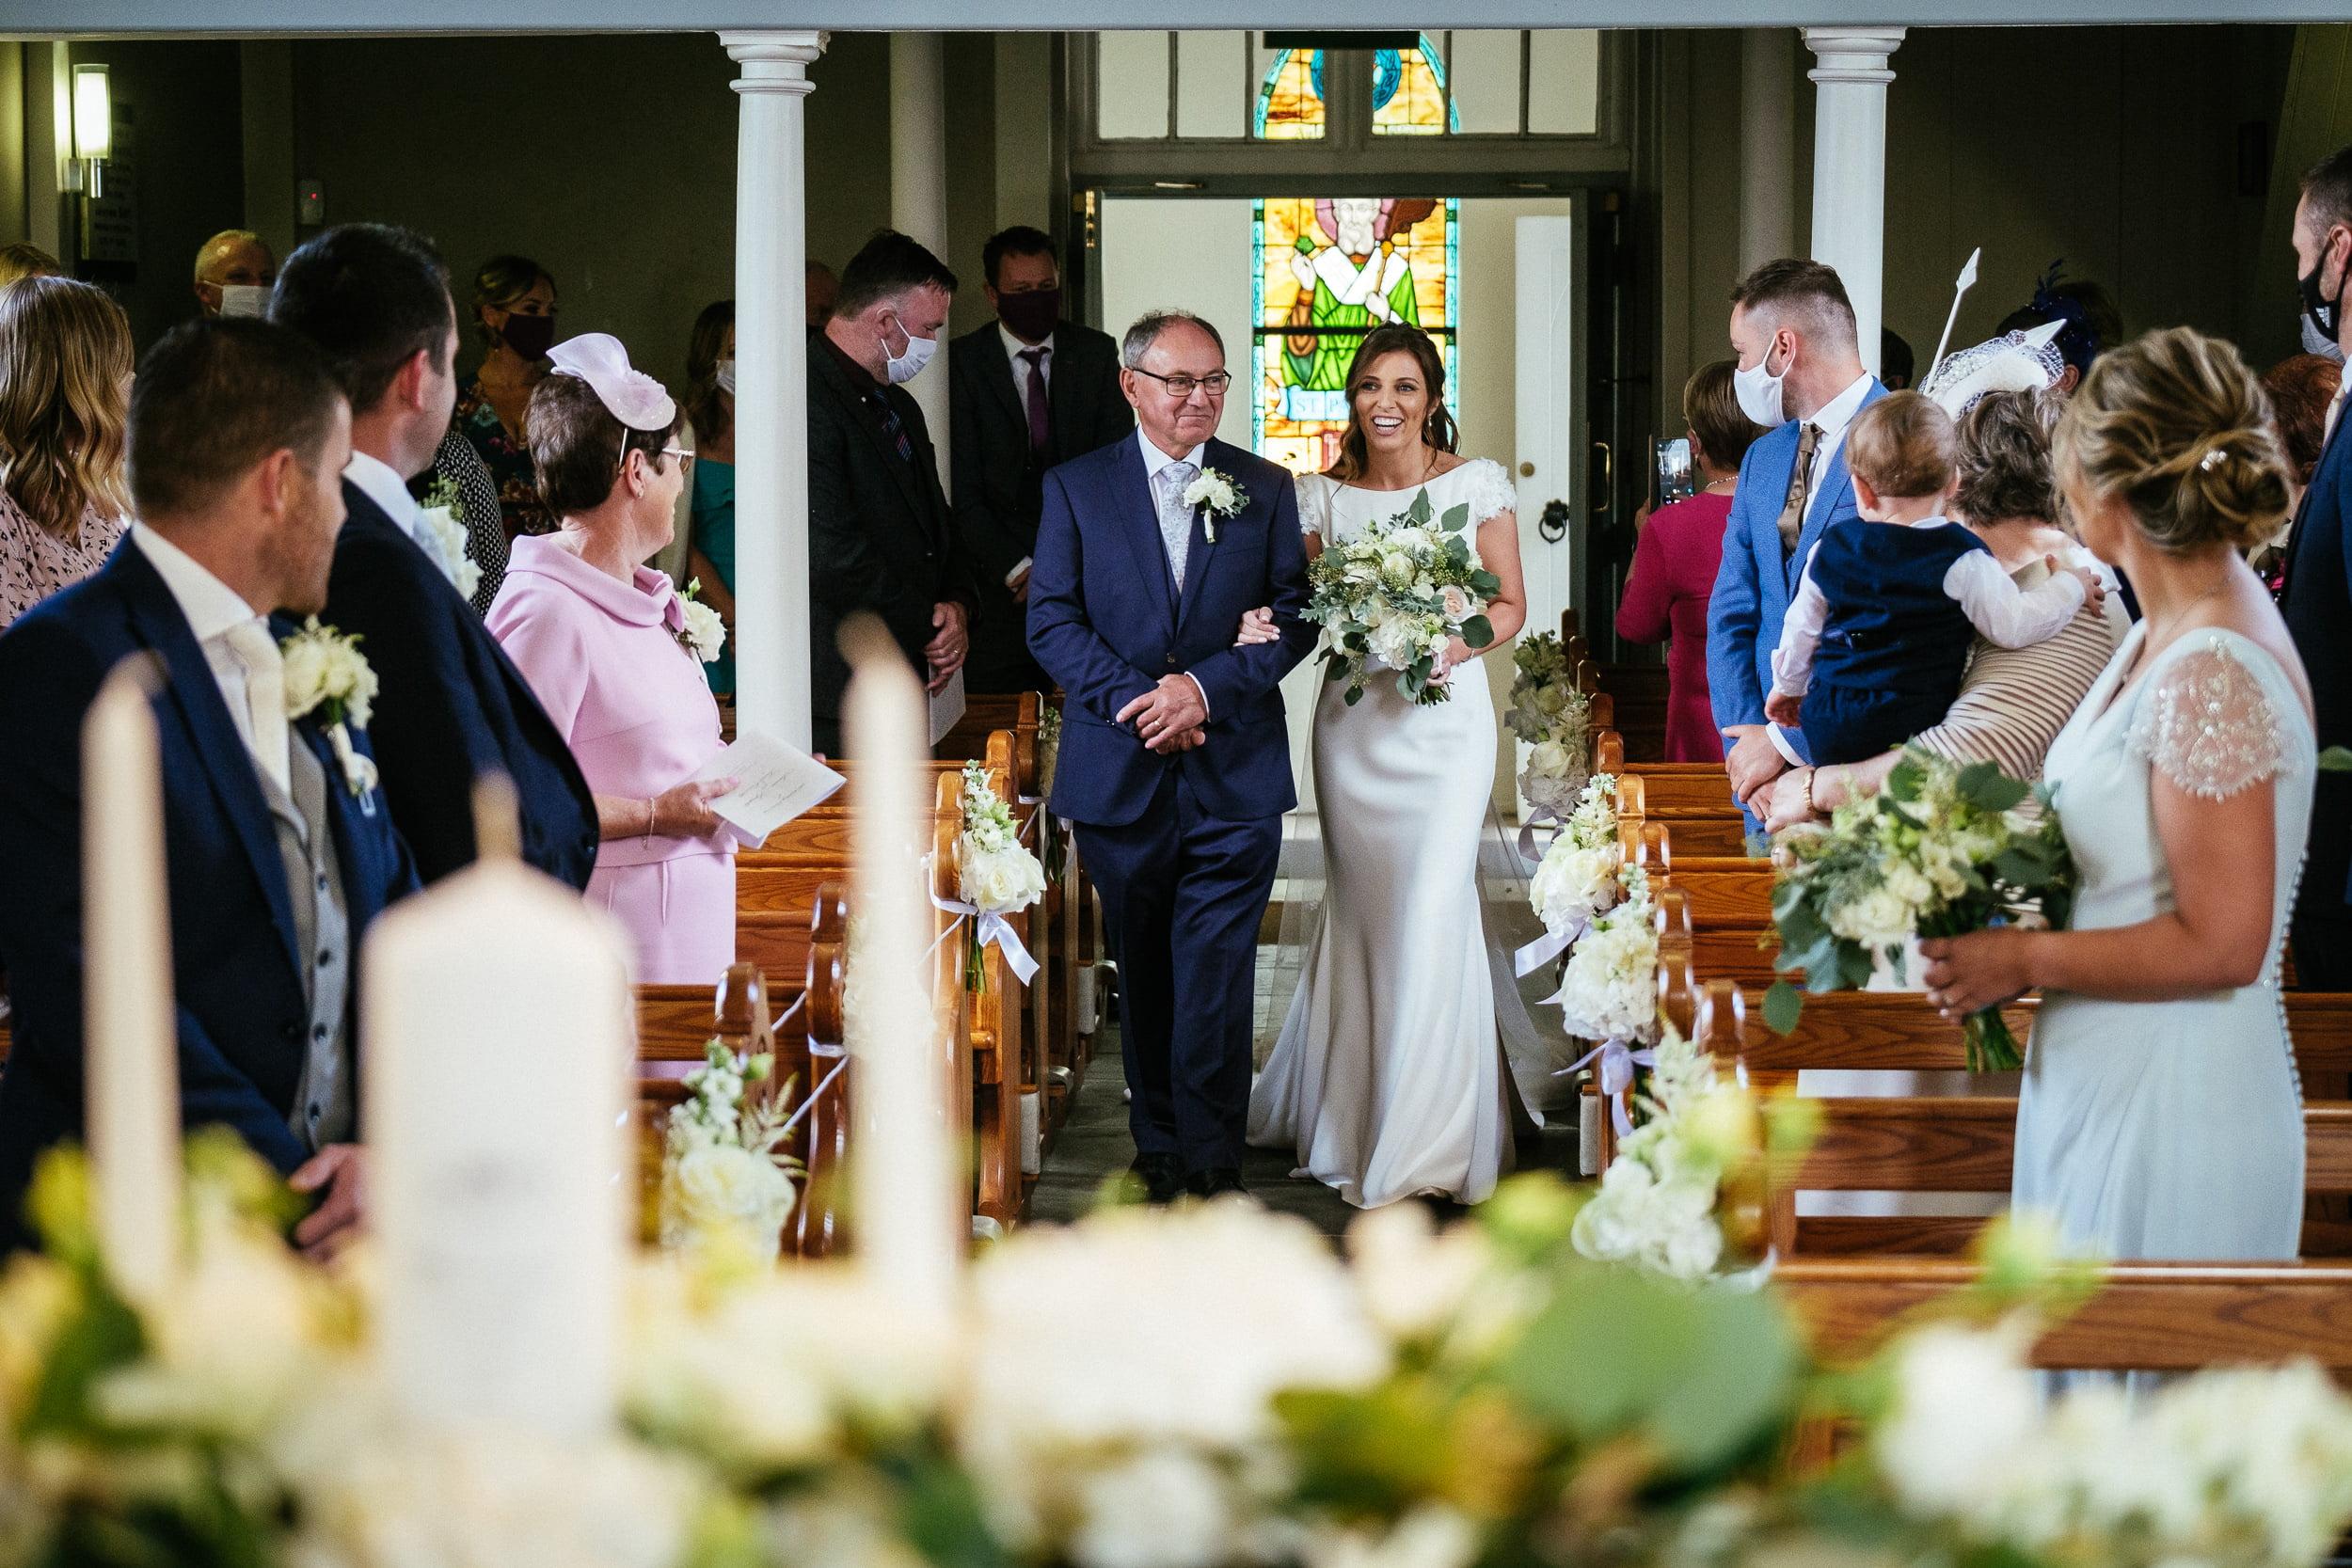 bride walking up the aisle at St. Patrick's Church, Kilquade